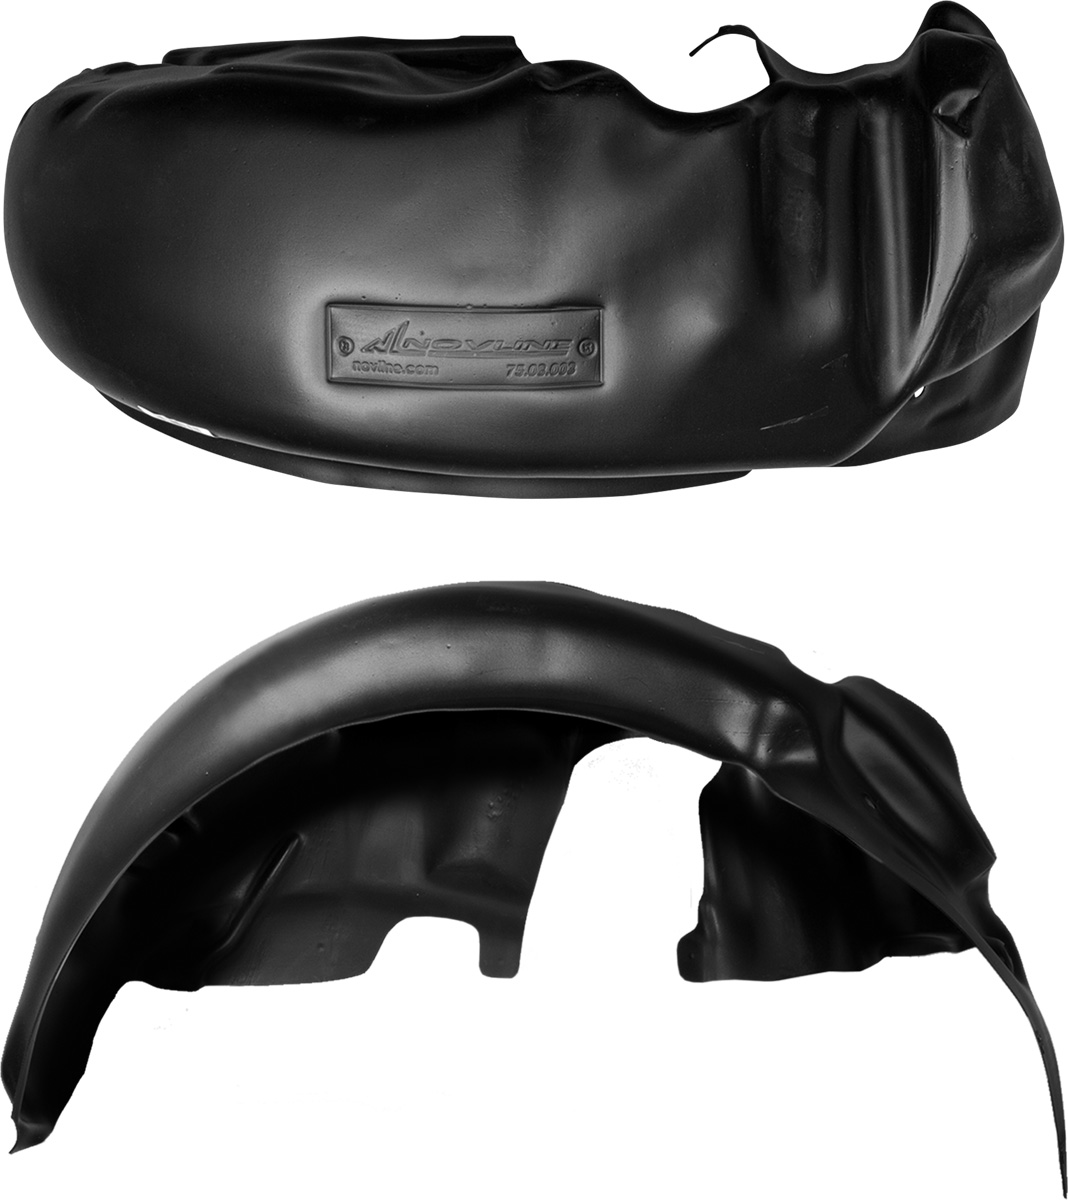 Подкрылок Novline-Autofamily, для Toyota Camry, 07/2006-2011, задний правый98298123_черныйКолесные ниши - одни из самых уязвимых зон днища вашего автомобиля. Они постоянно подвергаются воздействию со стороны дороги. Лучшая, почти абсолютная защита для них - специально отформованные пластиковые кожухи, которые называются подкрылками. Производятся они как для отечественных моделей автомобилей, так и для иномарок. Подкрылки Novline-Autofamily выполнены из высококачественного, экологически чистого пластика. Обеспечивают надежную защиту кузова автомобиля от пескоструйного эффекта и негативного влияния, агрессивных антигололедных реагентов. Пластик обладает более низкой теплопроводностью, чем металл, поэтому в зимний период эксплуатации использование пластиковых подкрылков позволяет лучше защитить колесные ниши от налипания снега и образования наледи. Оригинальность конструкции подчеркивает элегантность автомобиля, бережно защищает нанесенное на днище кузова антикоррозийное покрытие и позволяет осуществить крепление подкрылков внутри колесной арки практически без дополнительного крепежа и сверления, не нарушая при этом лакокрасочного покрытия, что предотвращает возникновение новых очагов коррозии. Подкрылки долговечны, обладают высокой прочностью и сохраняют заданную форму, а также все свои физико-механические характеристики в самых тяжелых климатических условиях (от -50°С до +50°С).Уважаемые клиенты!Обращаем ваше внимание, на тот факт, что подкрылок имеет форму, соответствующую модели данного автомобиля. Фото служит для визуального восприятия товара.